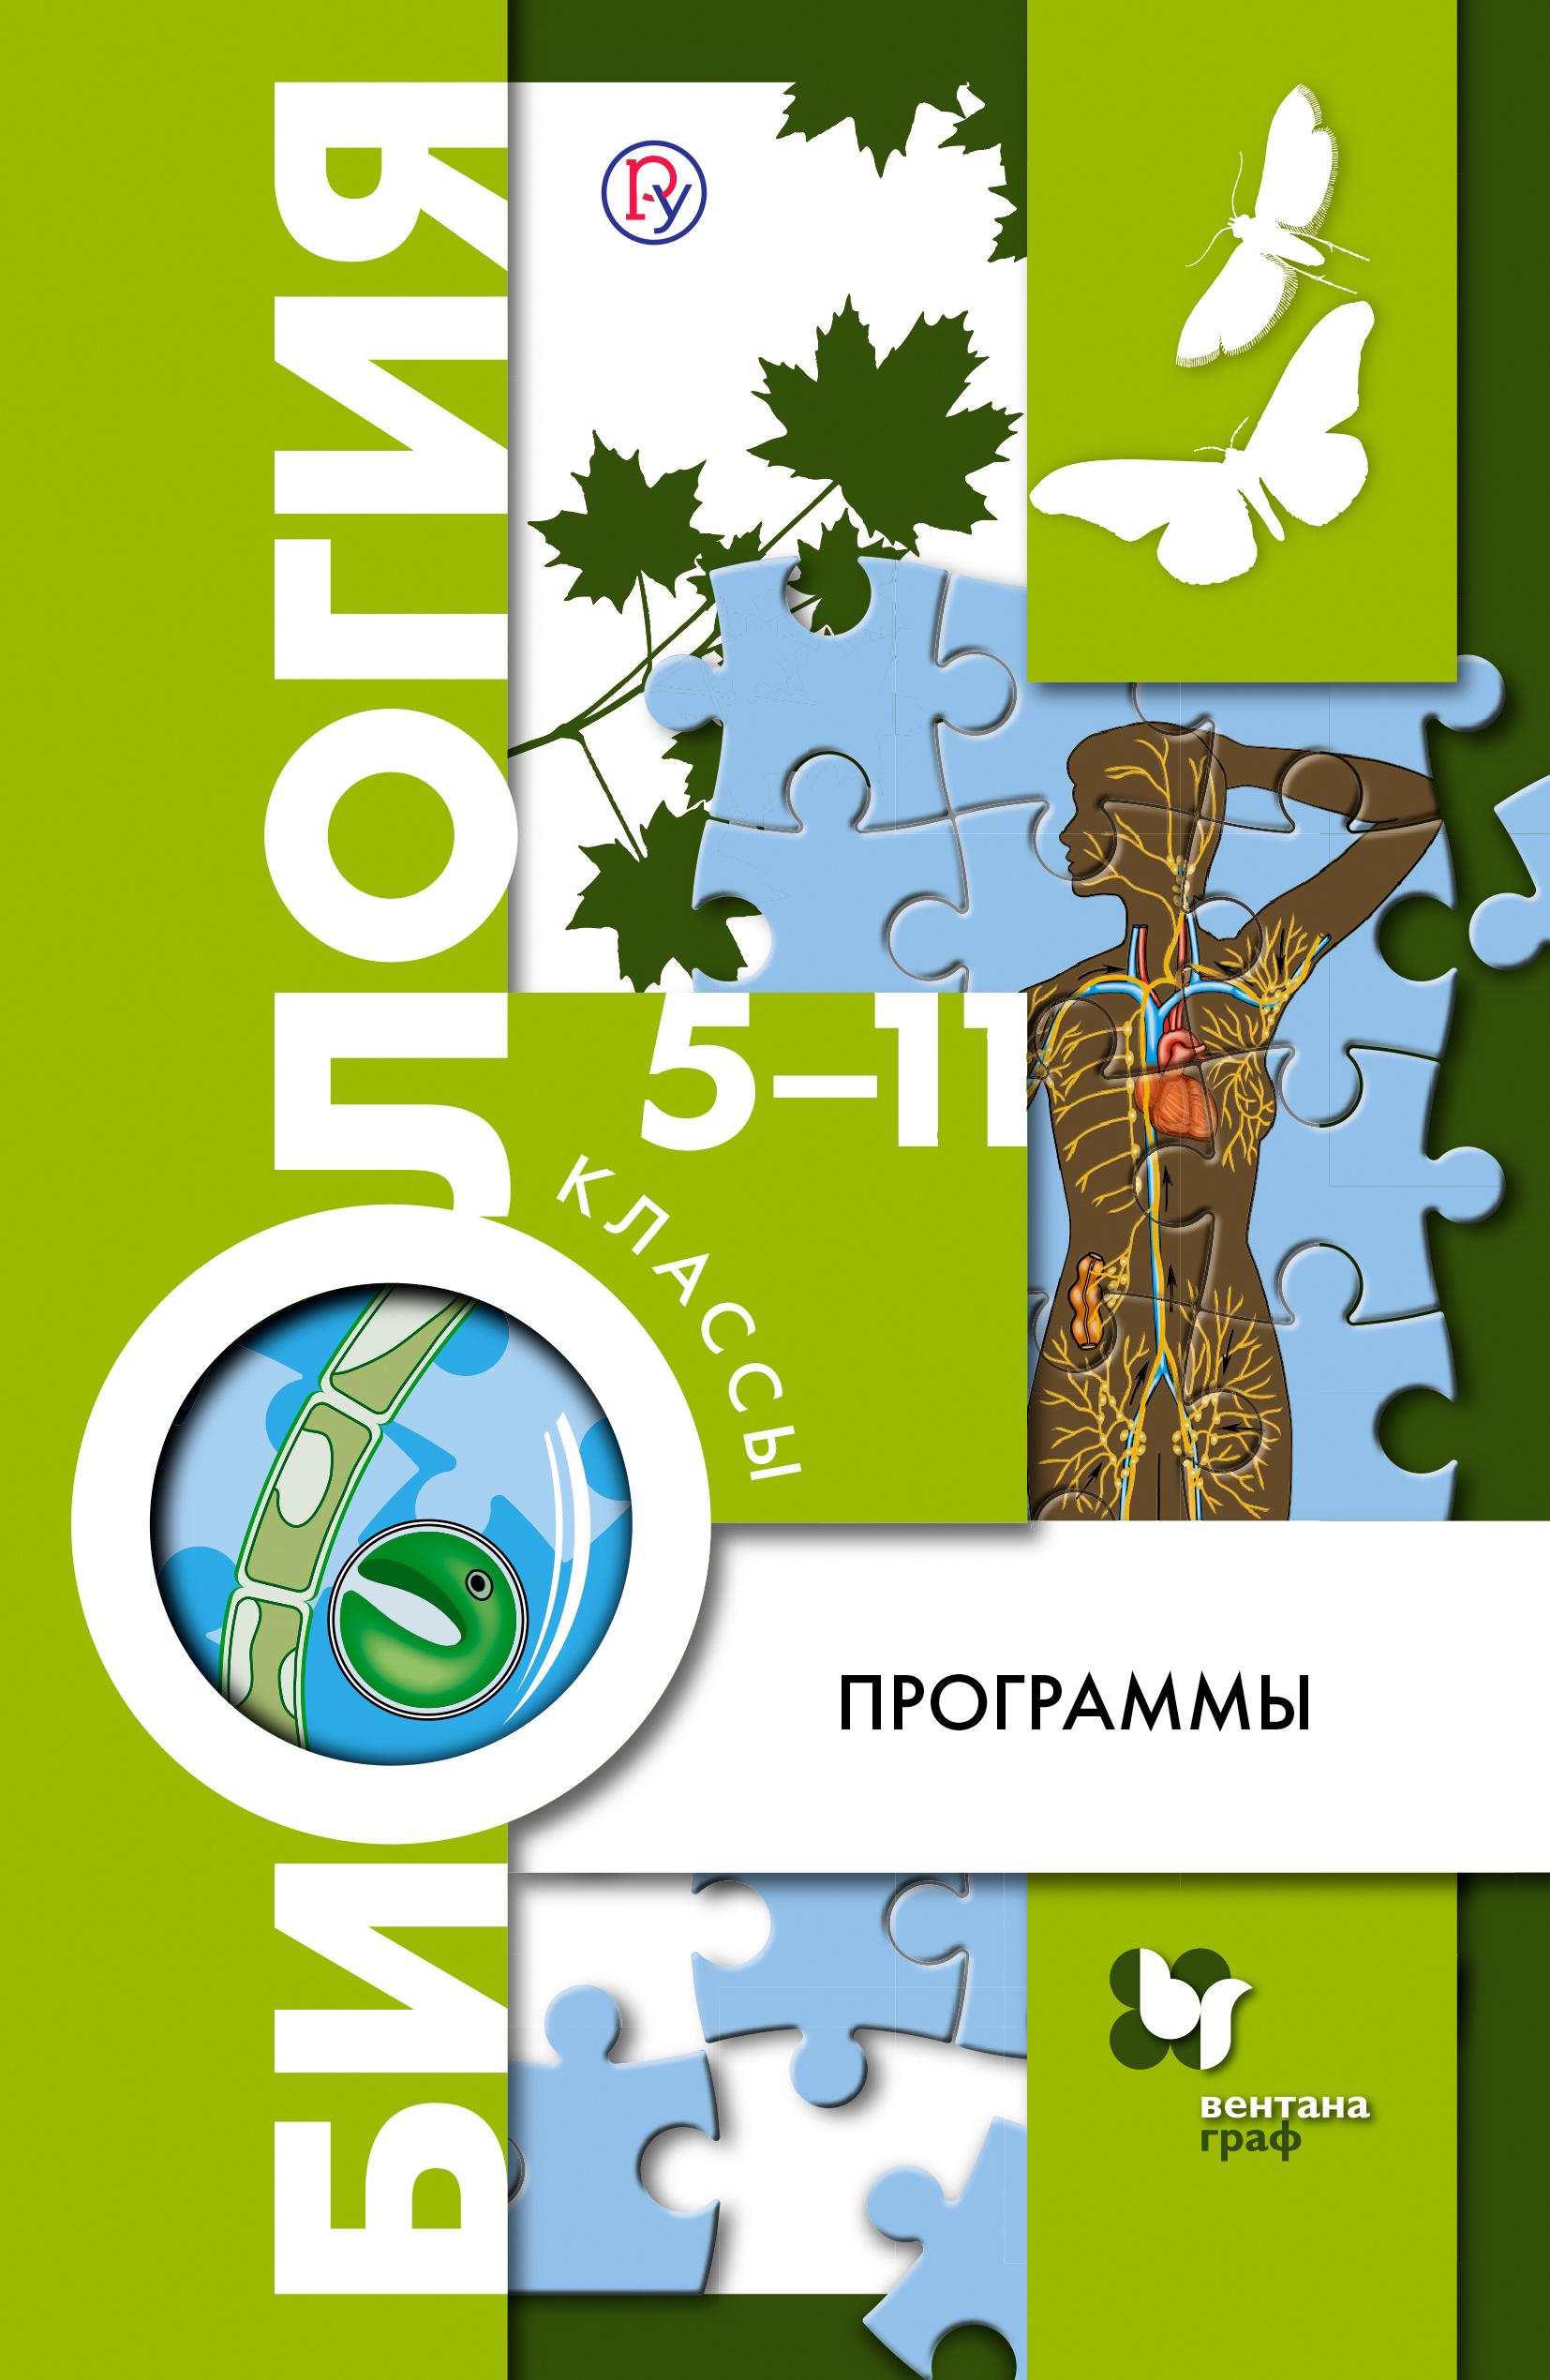 ПономареваИ.Н. и др. Биология. 5-11 классы. Программы (с CD-диском)